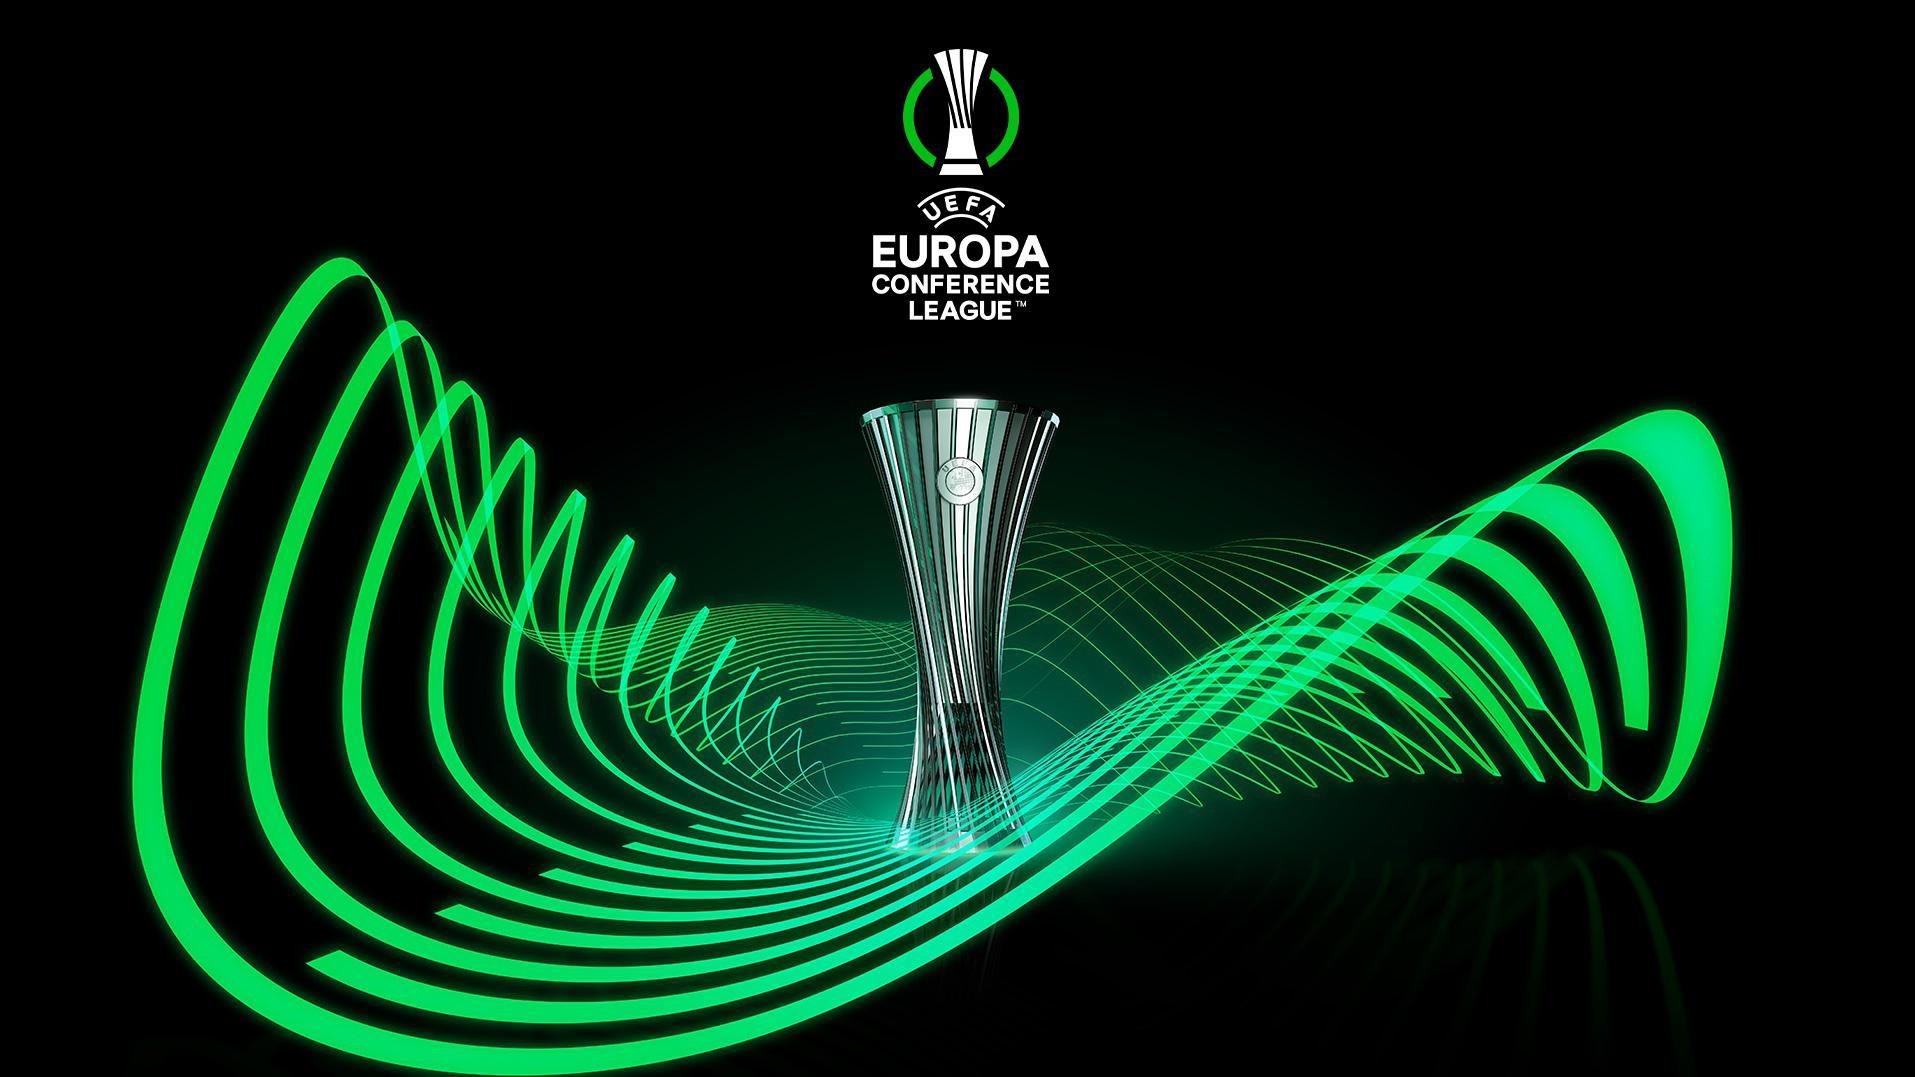 欧足联公布欧会杯奖杯和标识,绿色成为蓝色搭配